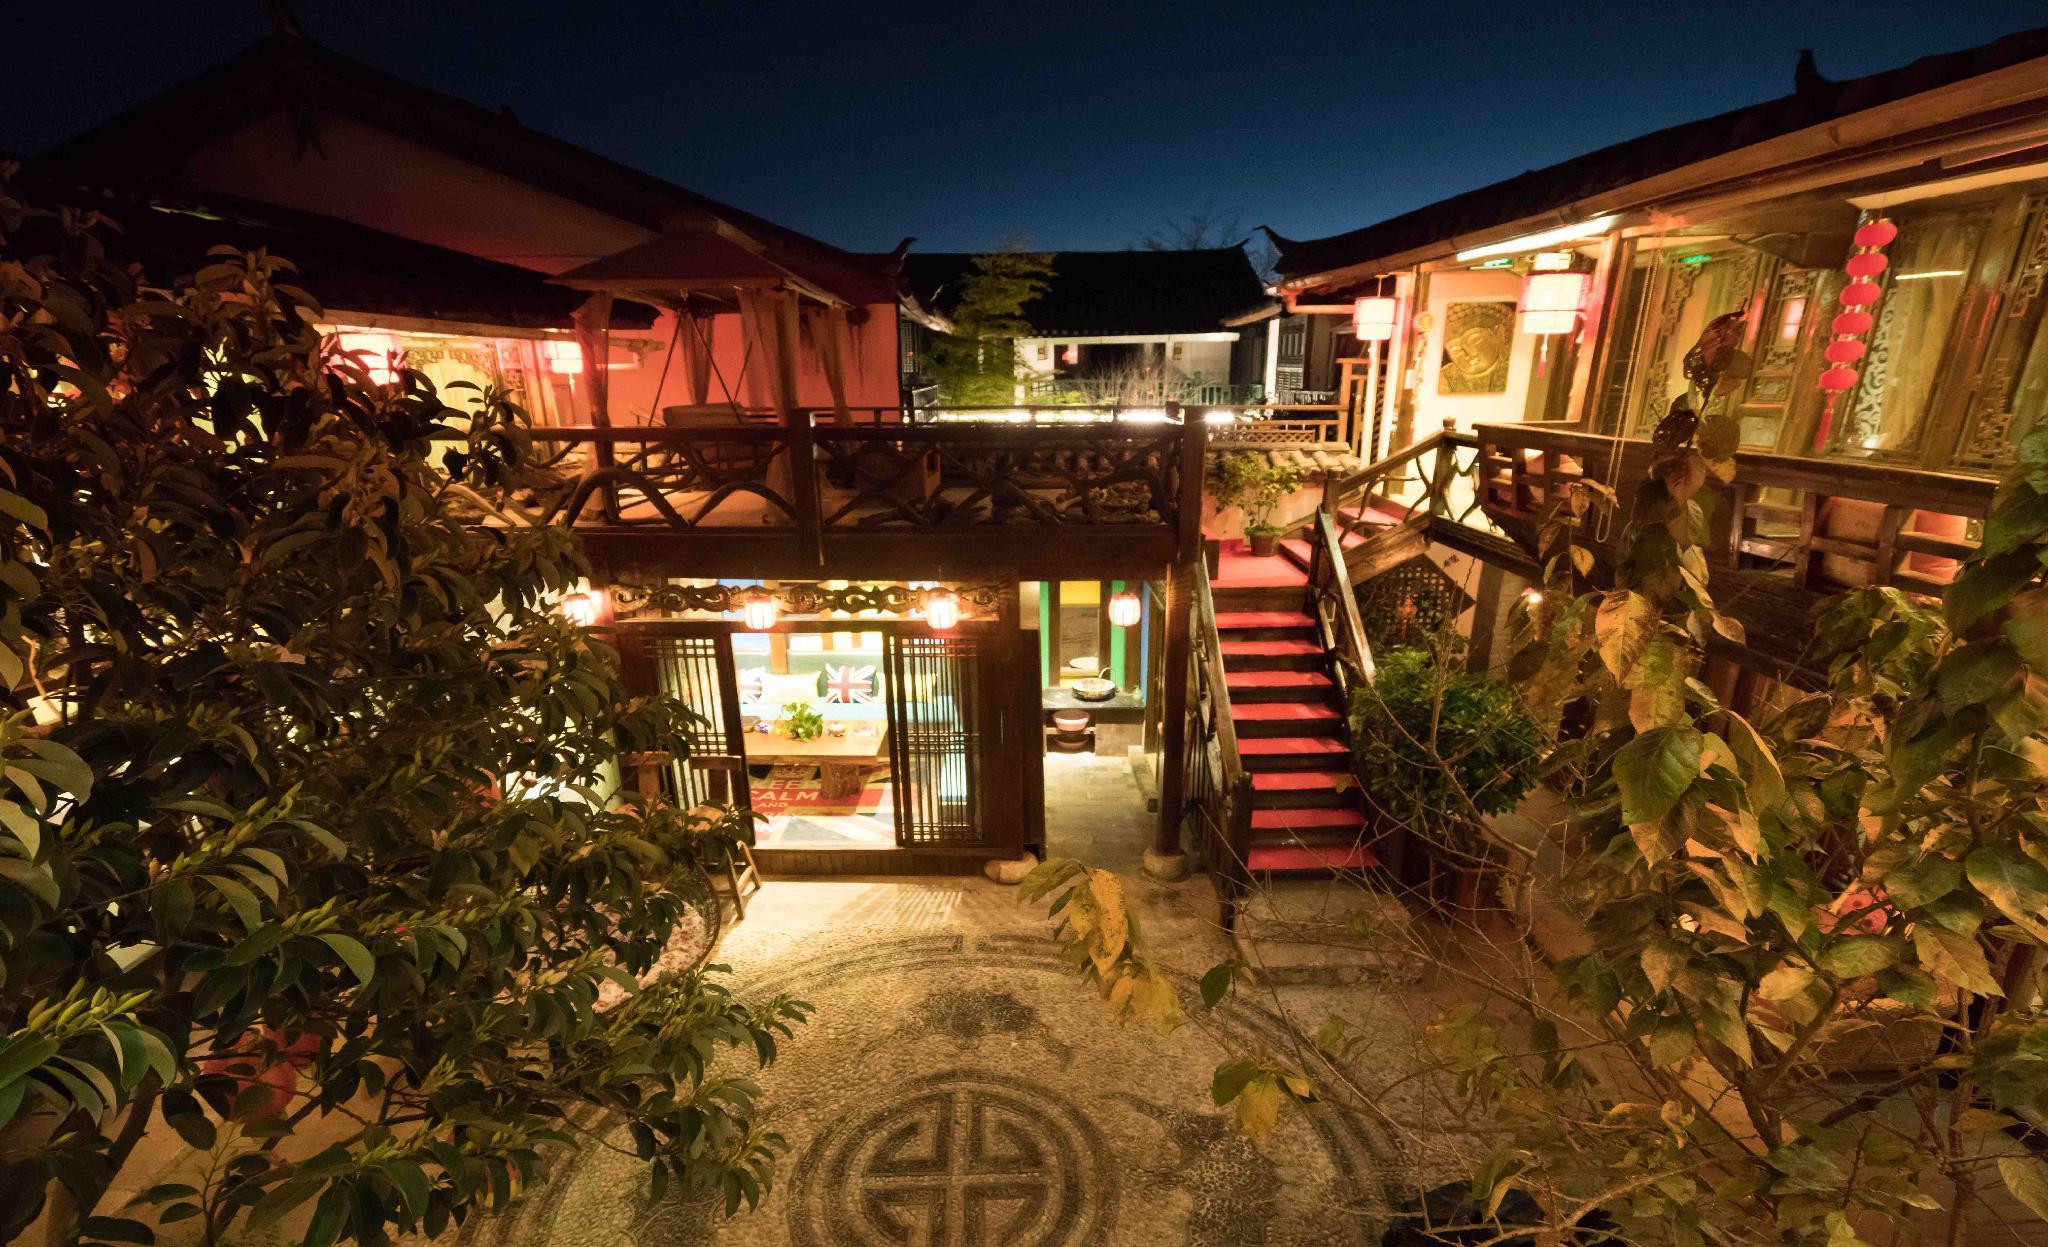 Pure Sun Inn In Naxi Minority Style